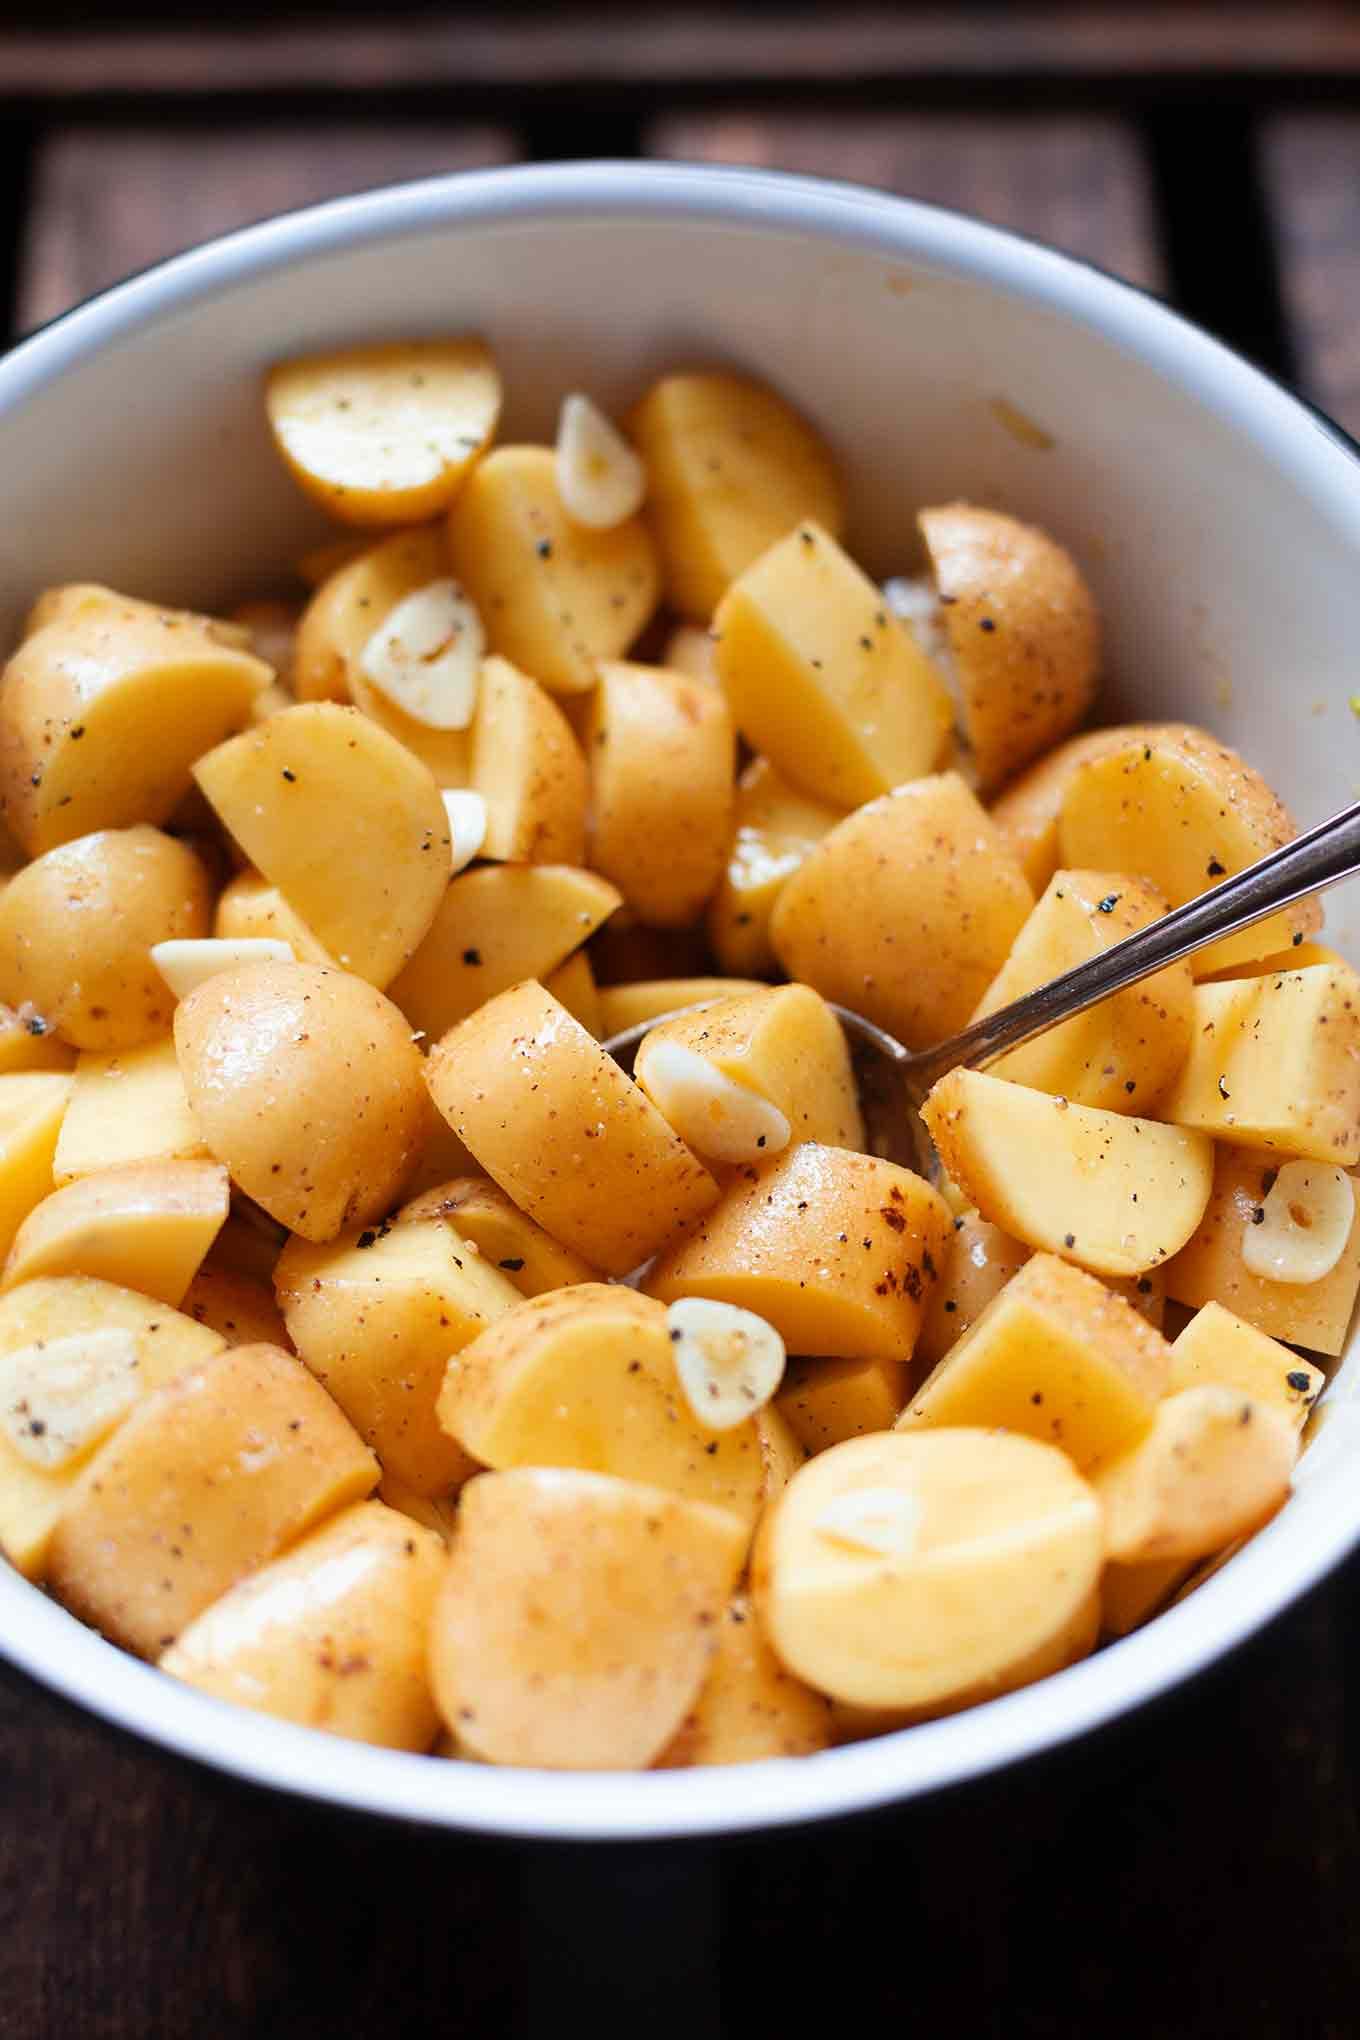 Einfache Knoblauch-Ofenkartoffeln mit Tzatziki. Dieses schnelle, einfache, vegetarische 5-Zutaten Rezept schmeckt immer! - Kochkarussell.com #ofenkartoffeln #tzatziki #feierabendküche #kochkarussell